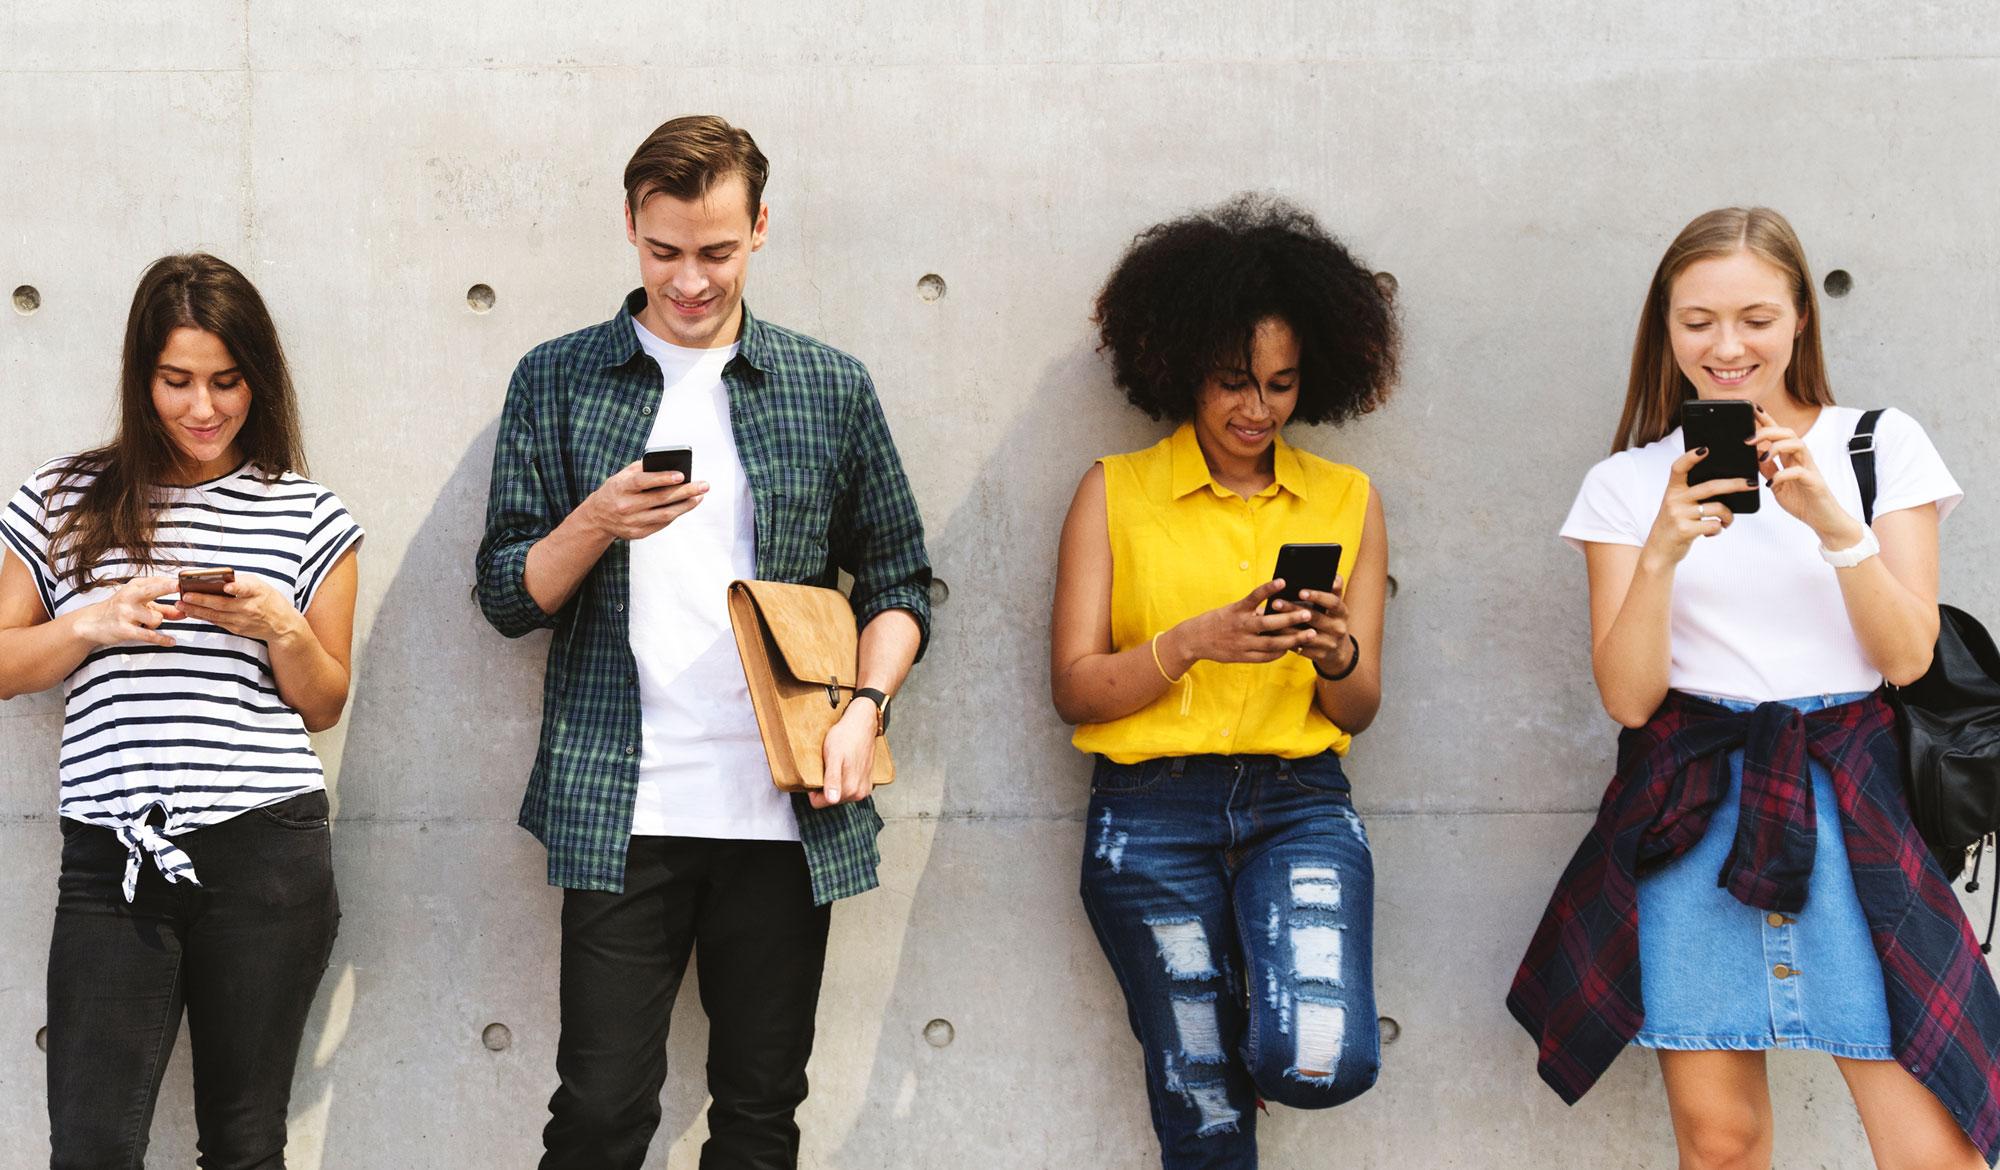 tasa de rebote jóvenes móvil